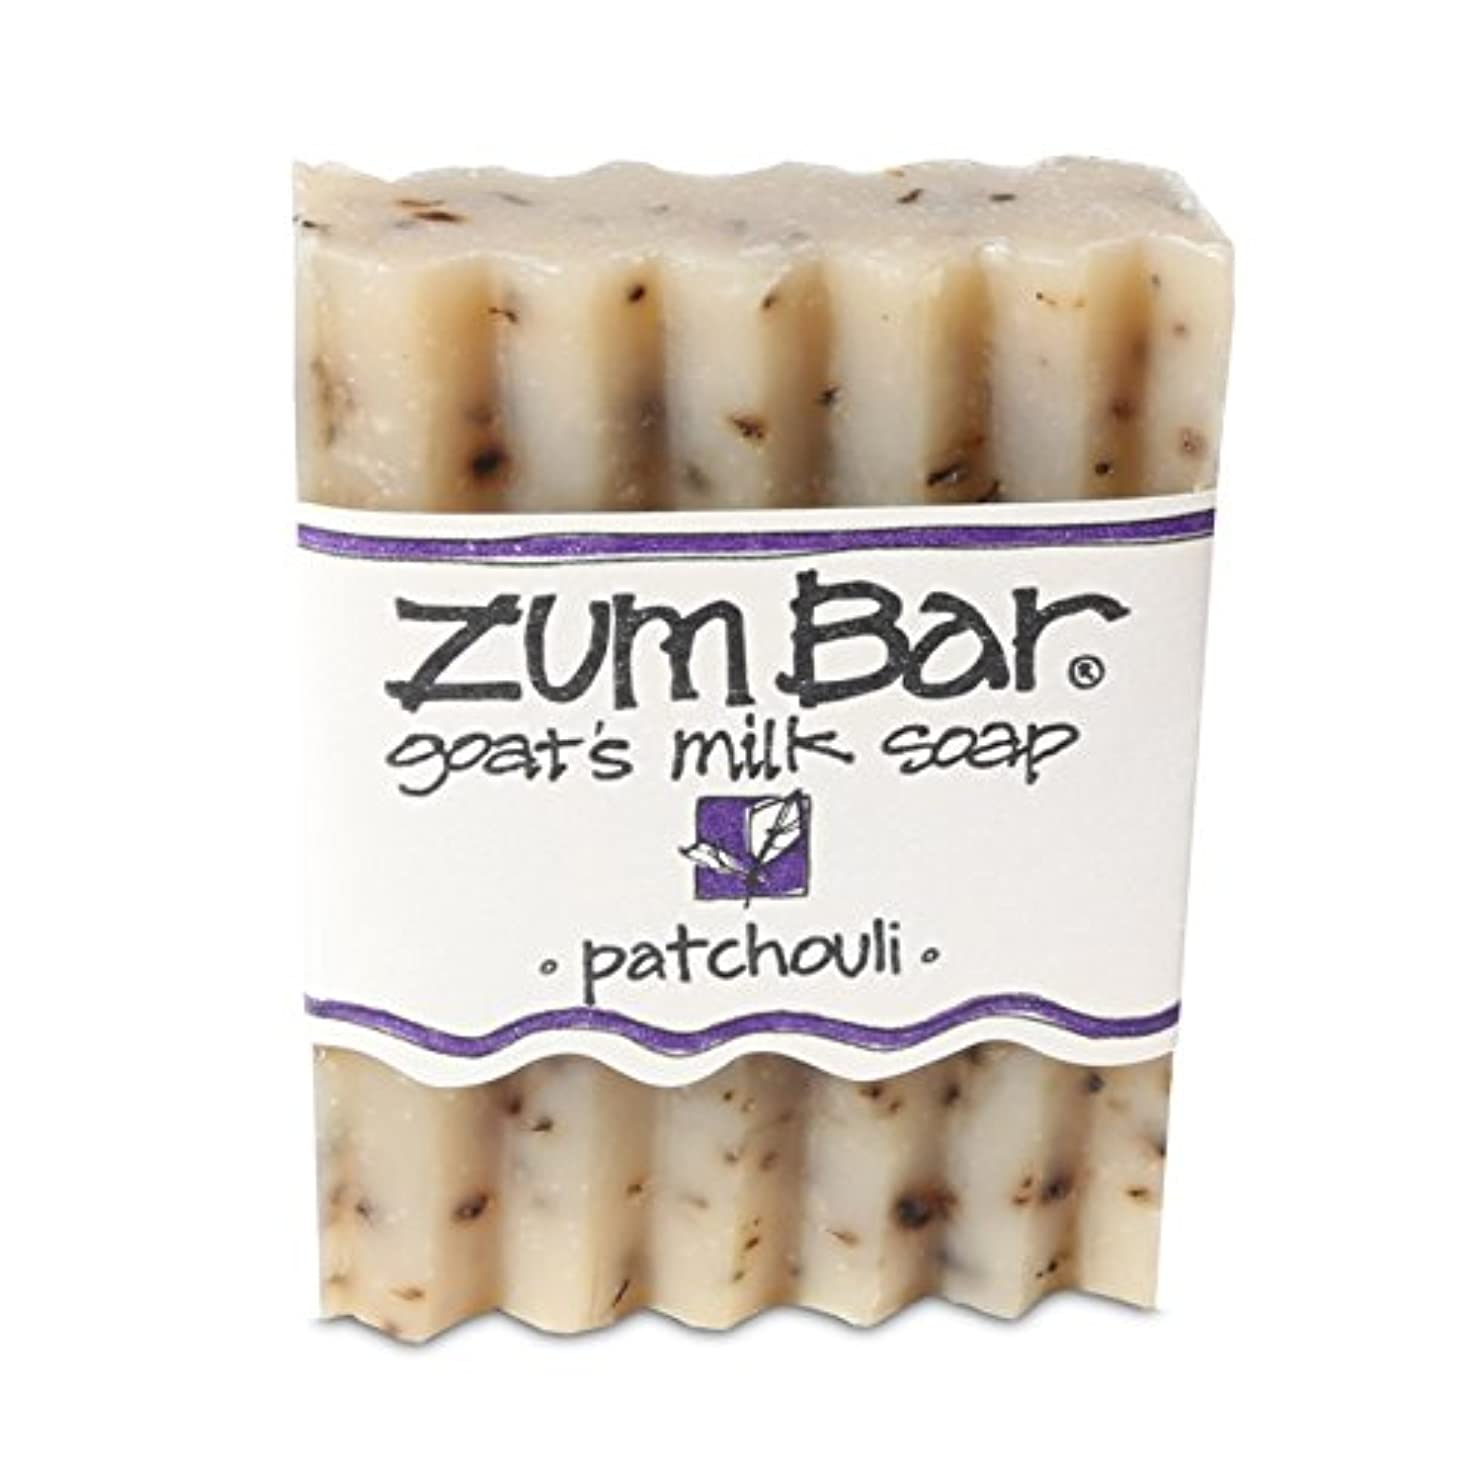 とげノイズスパン海外直送品 Indigo Wild, Zum Bar, Goat's ミルク ソープ パチョリ, 3 Ounces (2個セット) (Patchouli) [並行輸入品]